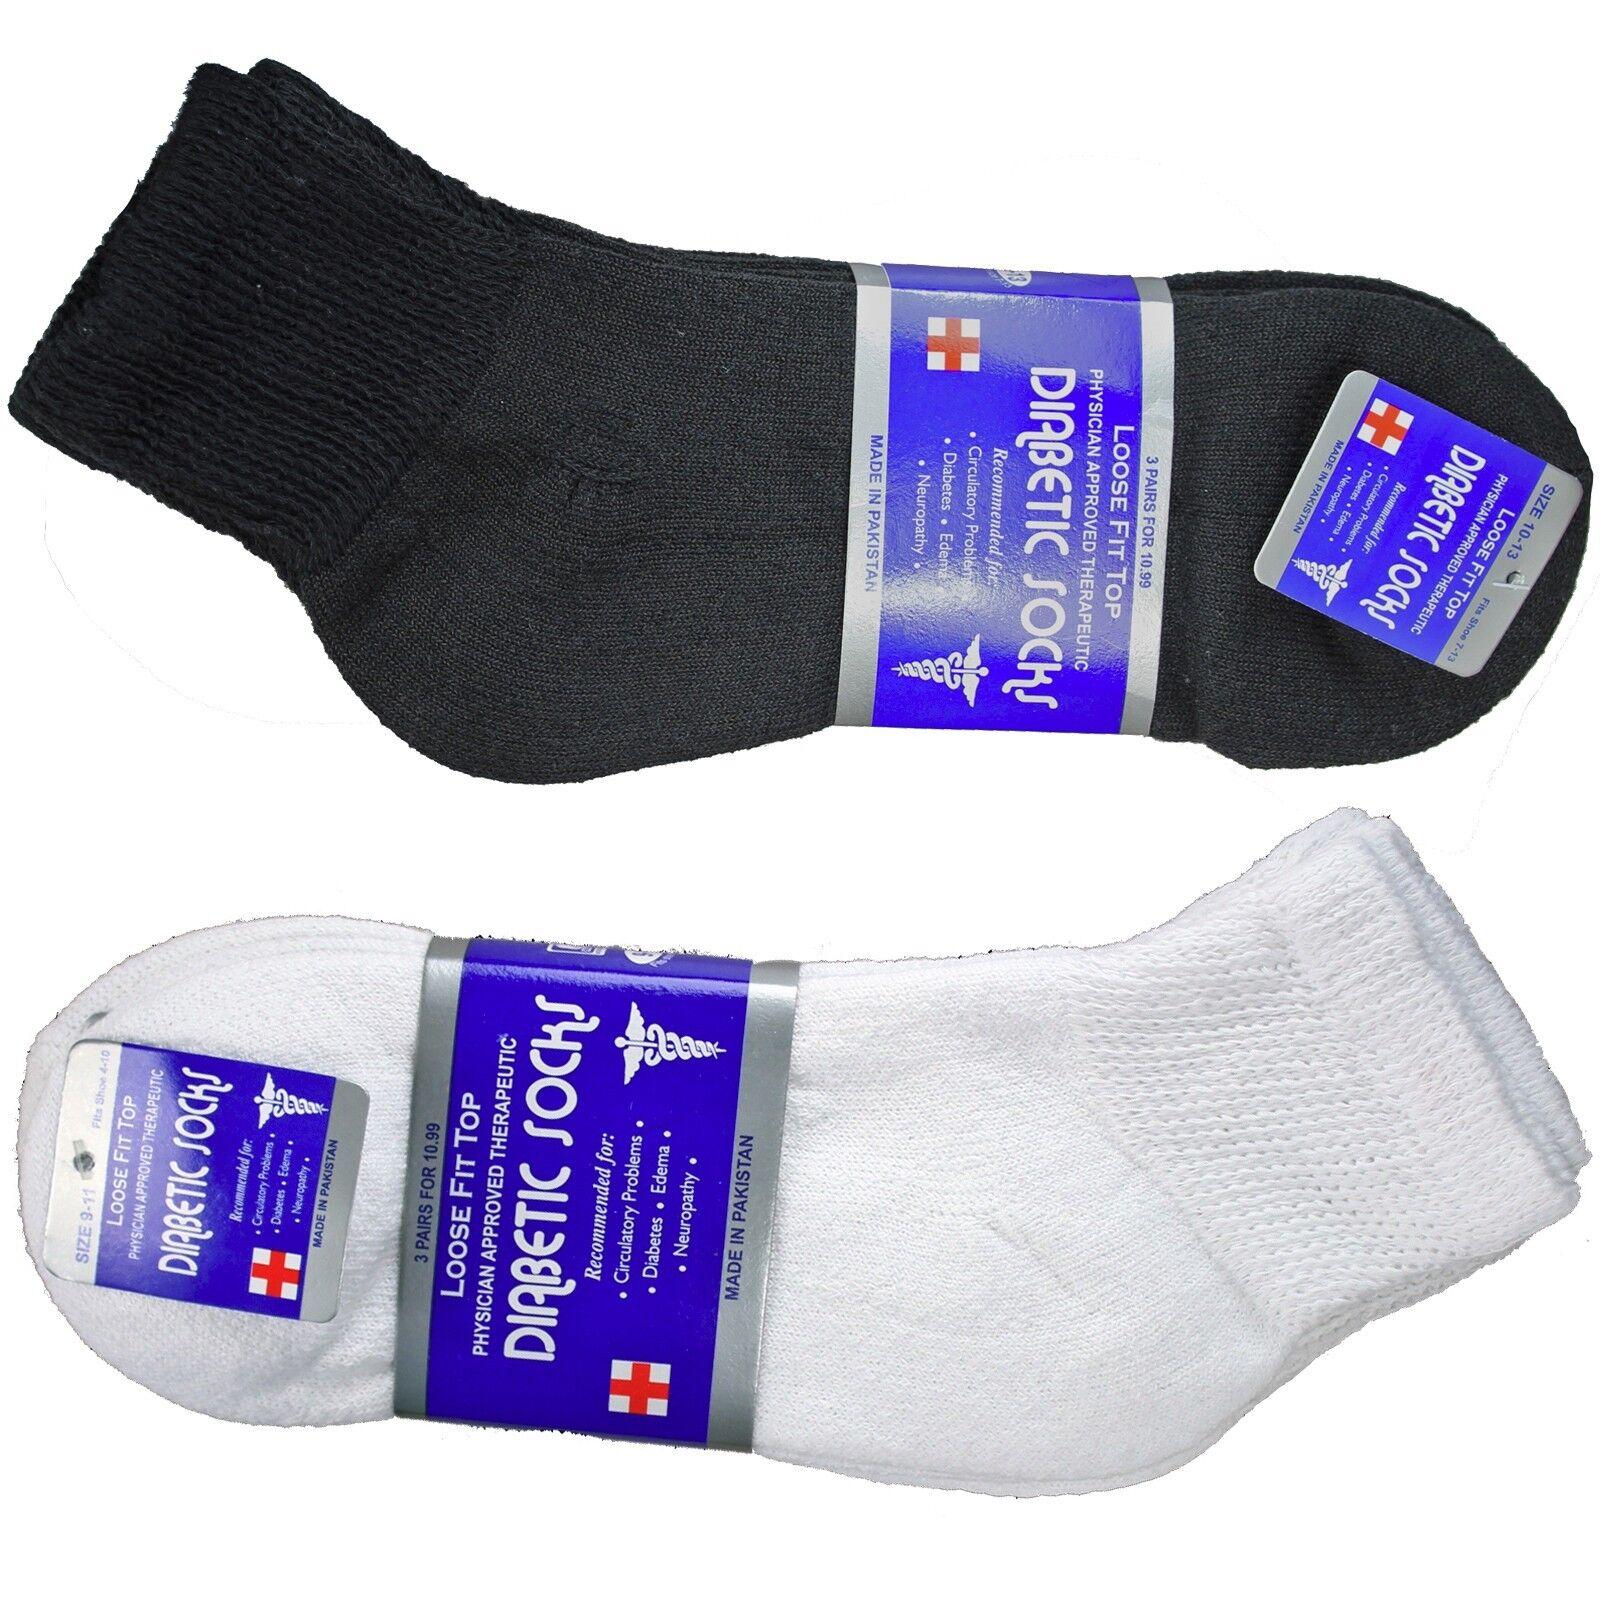 Diabetic Diabetes Edema Neuropathy Health Crew Socks Men 9-11 10-13 13-15 12 pk